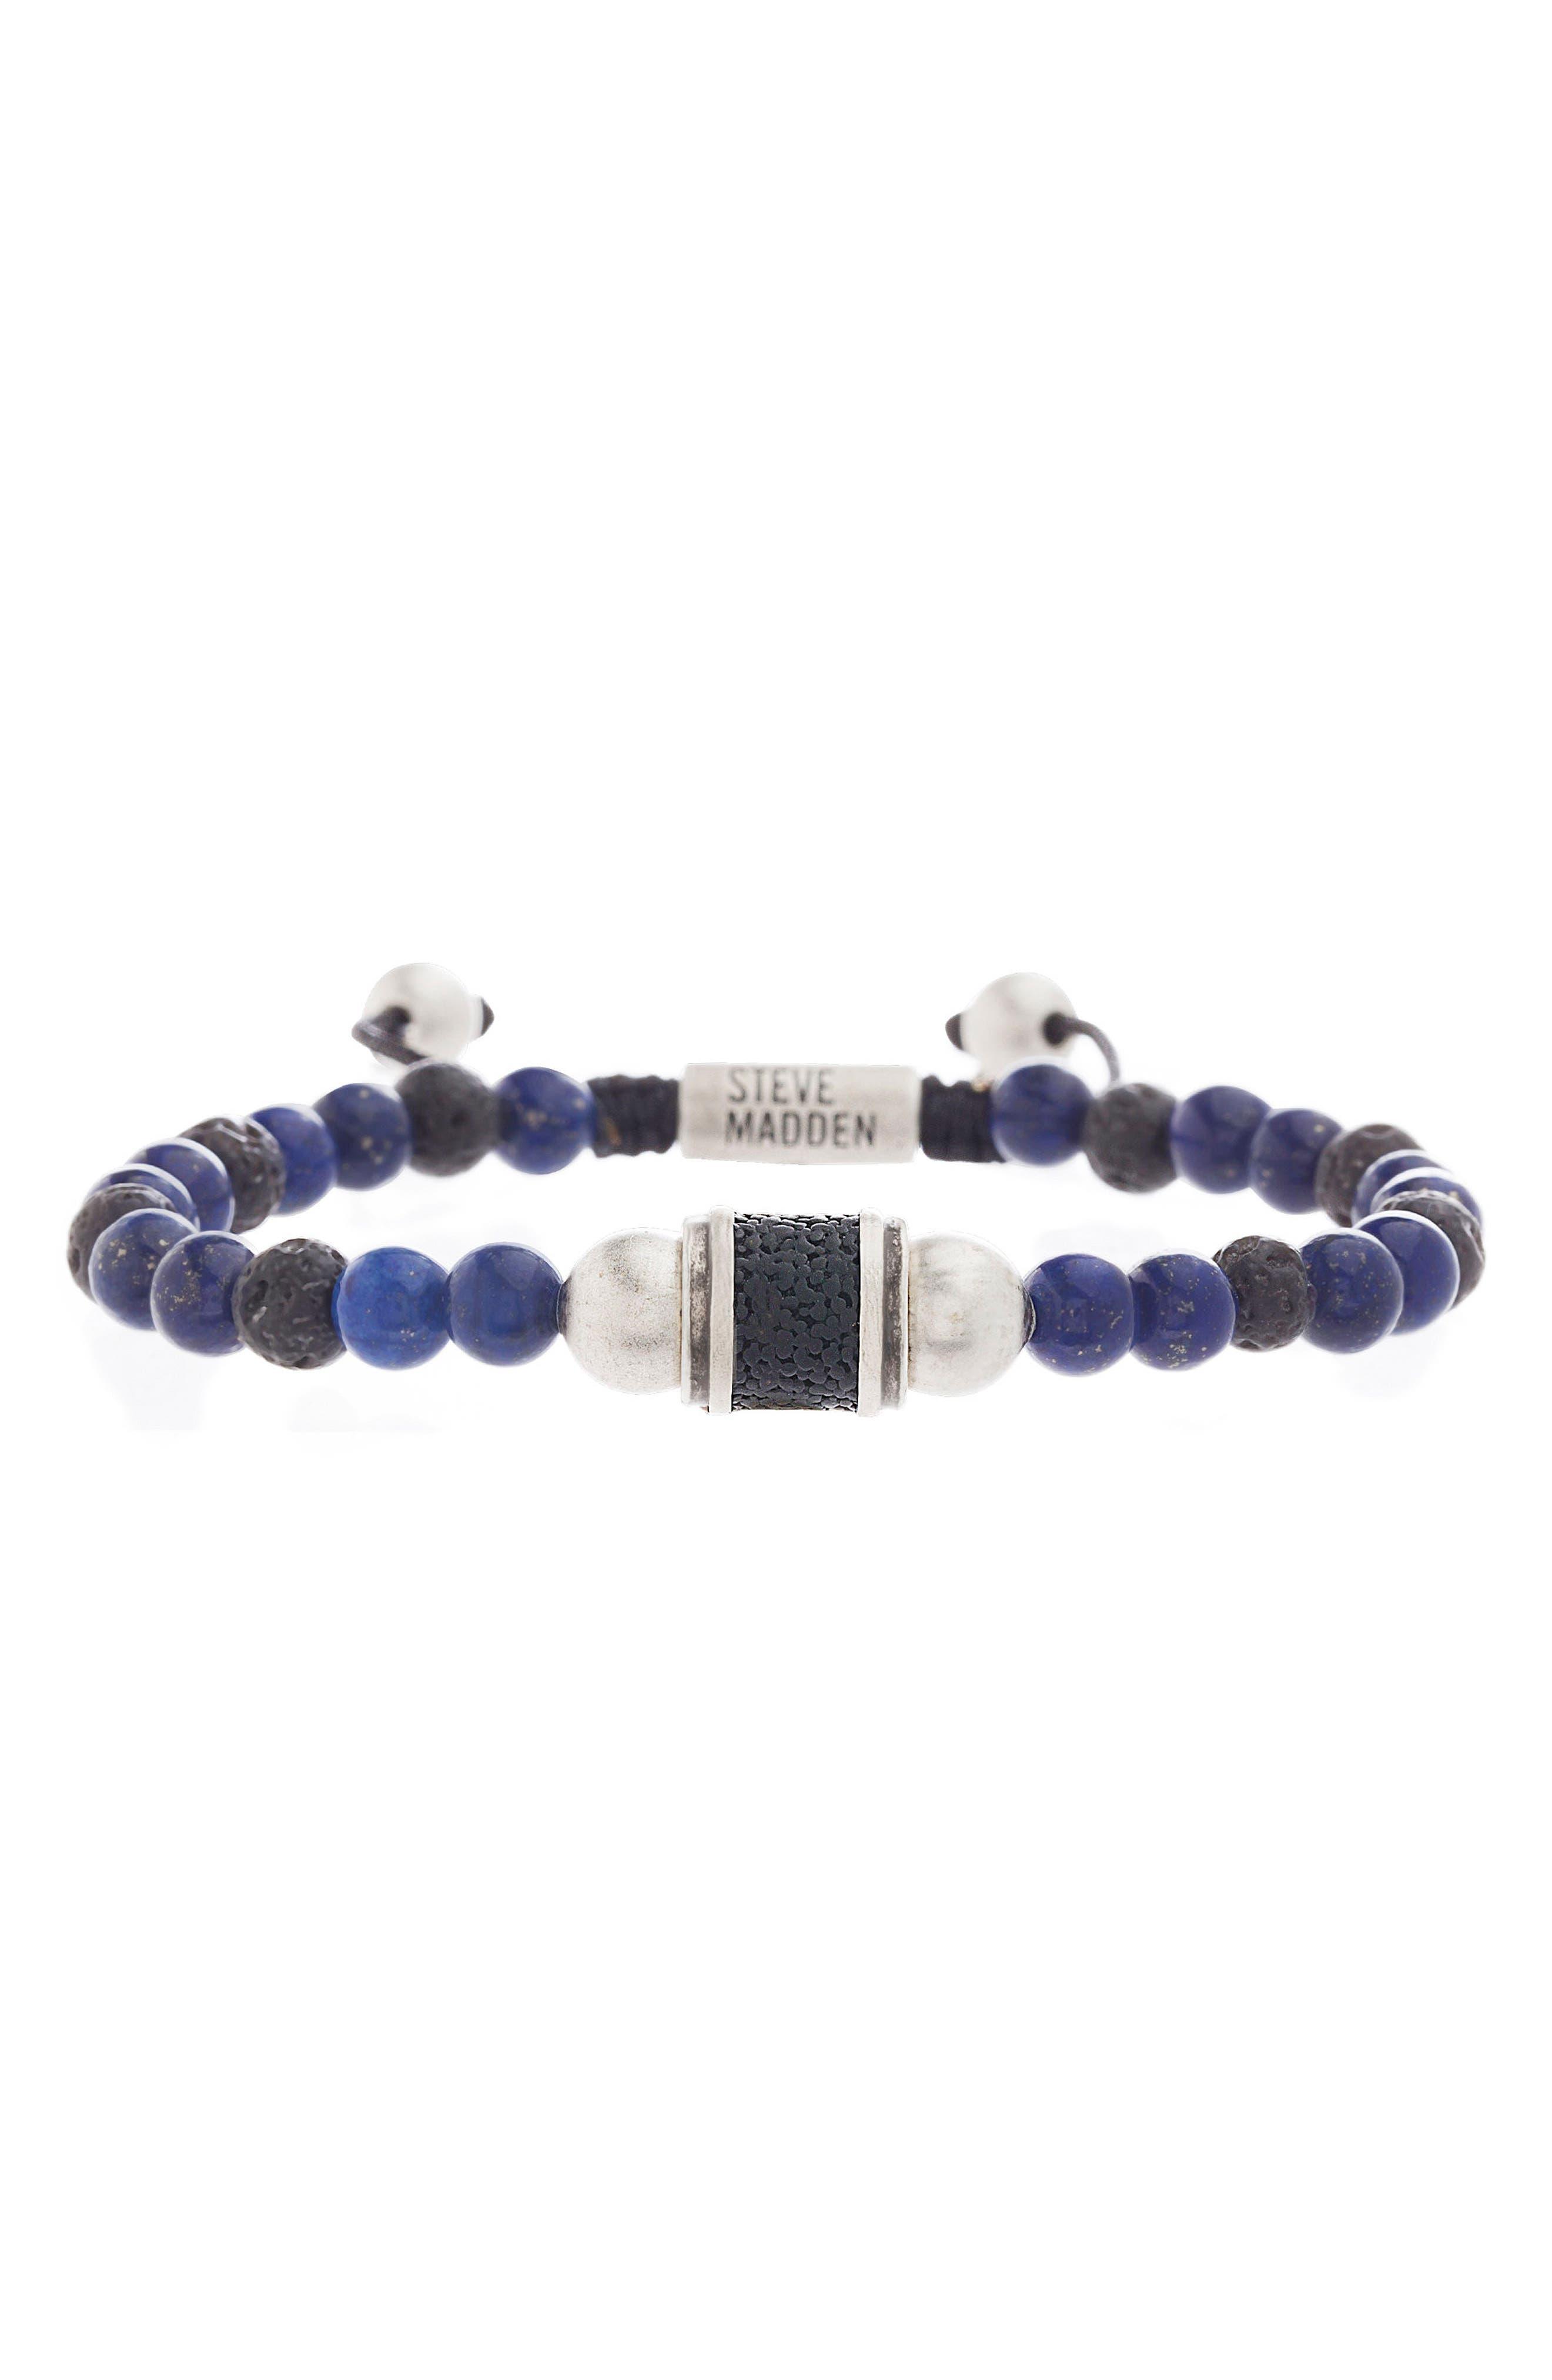 Steve Madden Lapis Lazuli Bead Bracelet